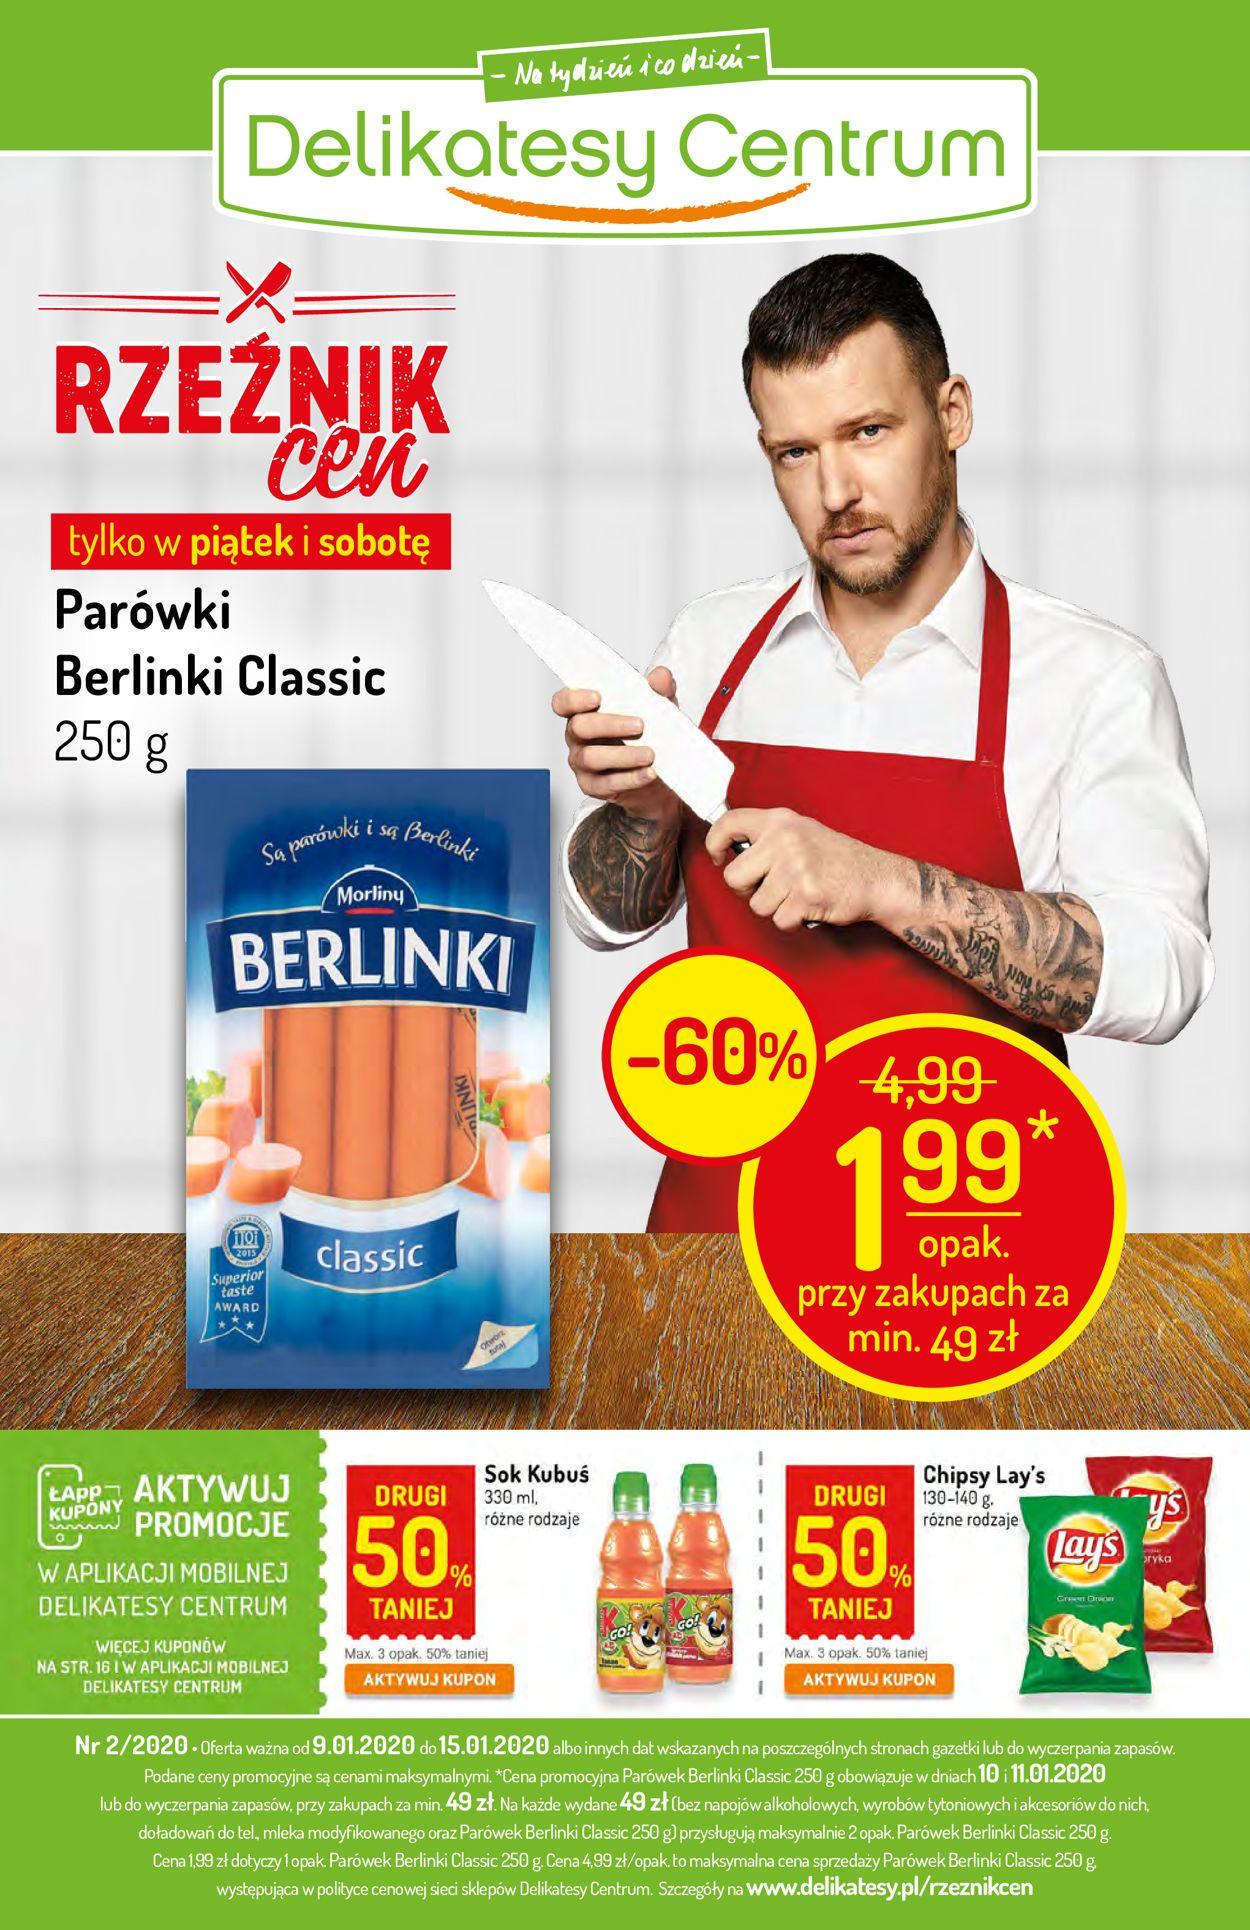 Gazetka promocyjna Delikatesy Centrum - 09.01-15.01.2020